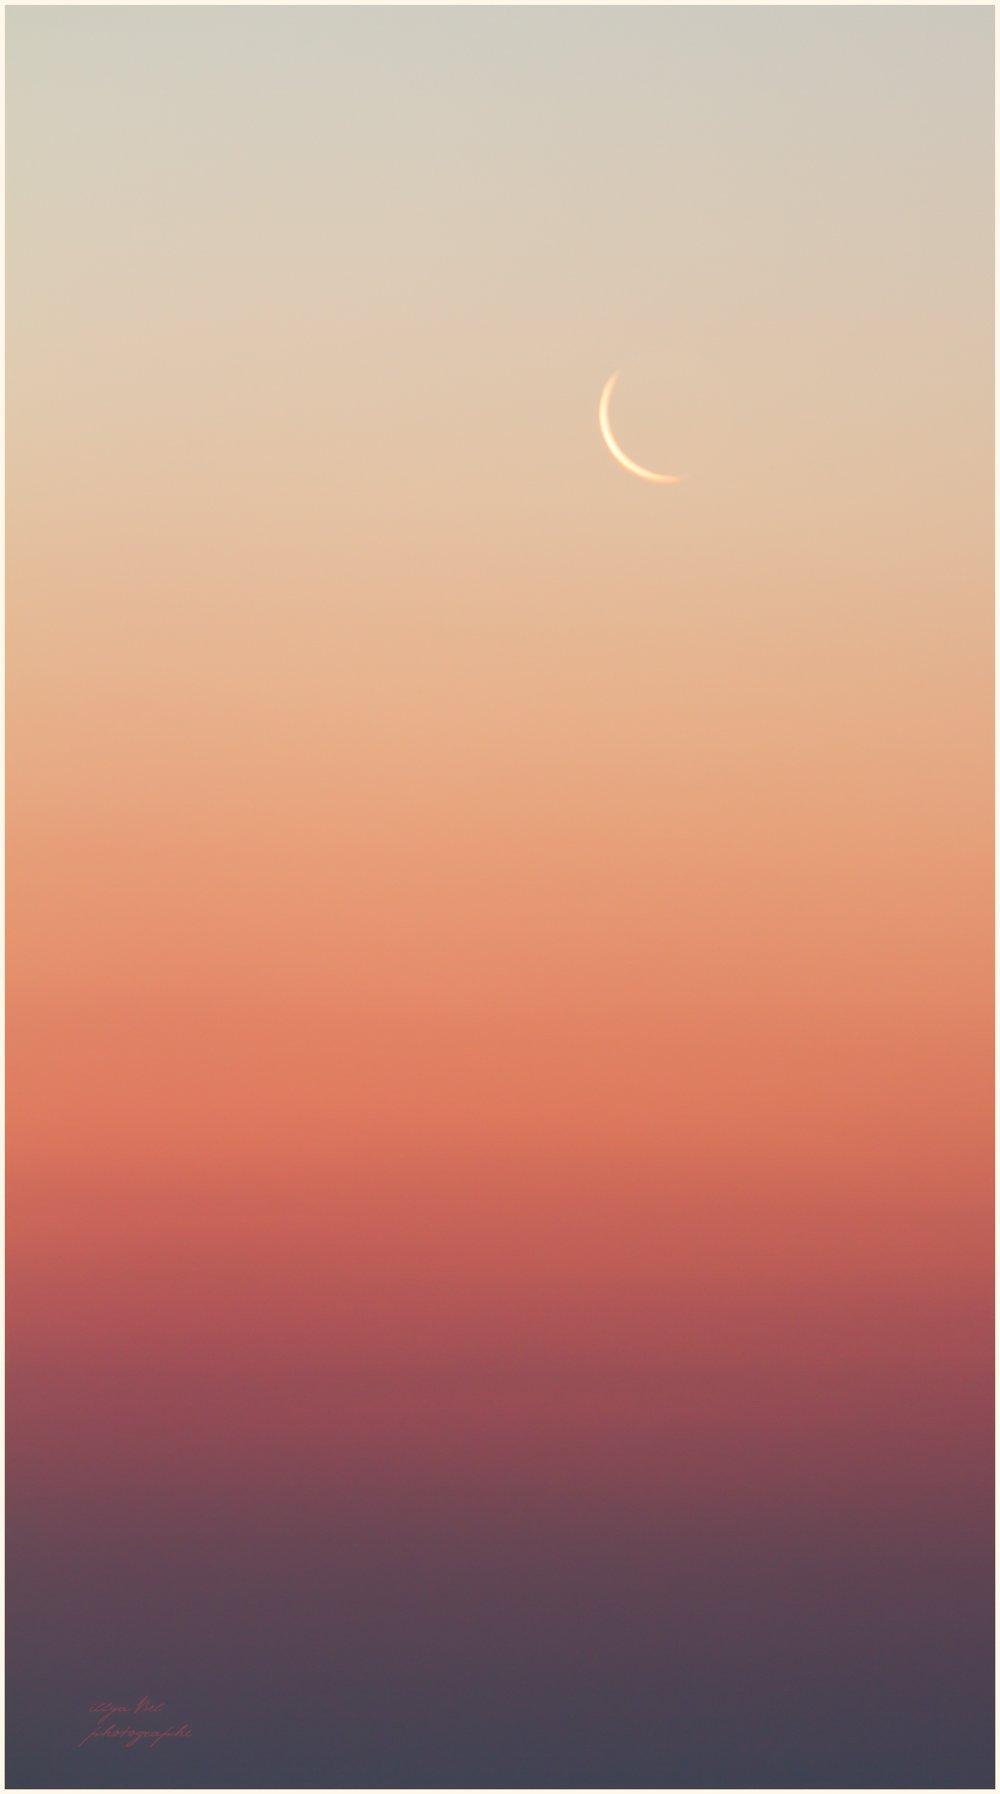 Крым, месяц, рассвет, градиент, цвета, Илья Беленький